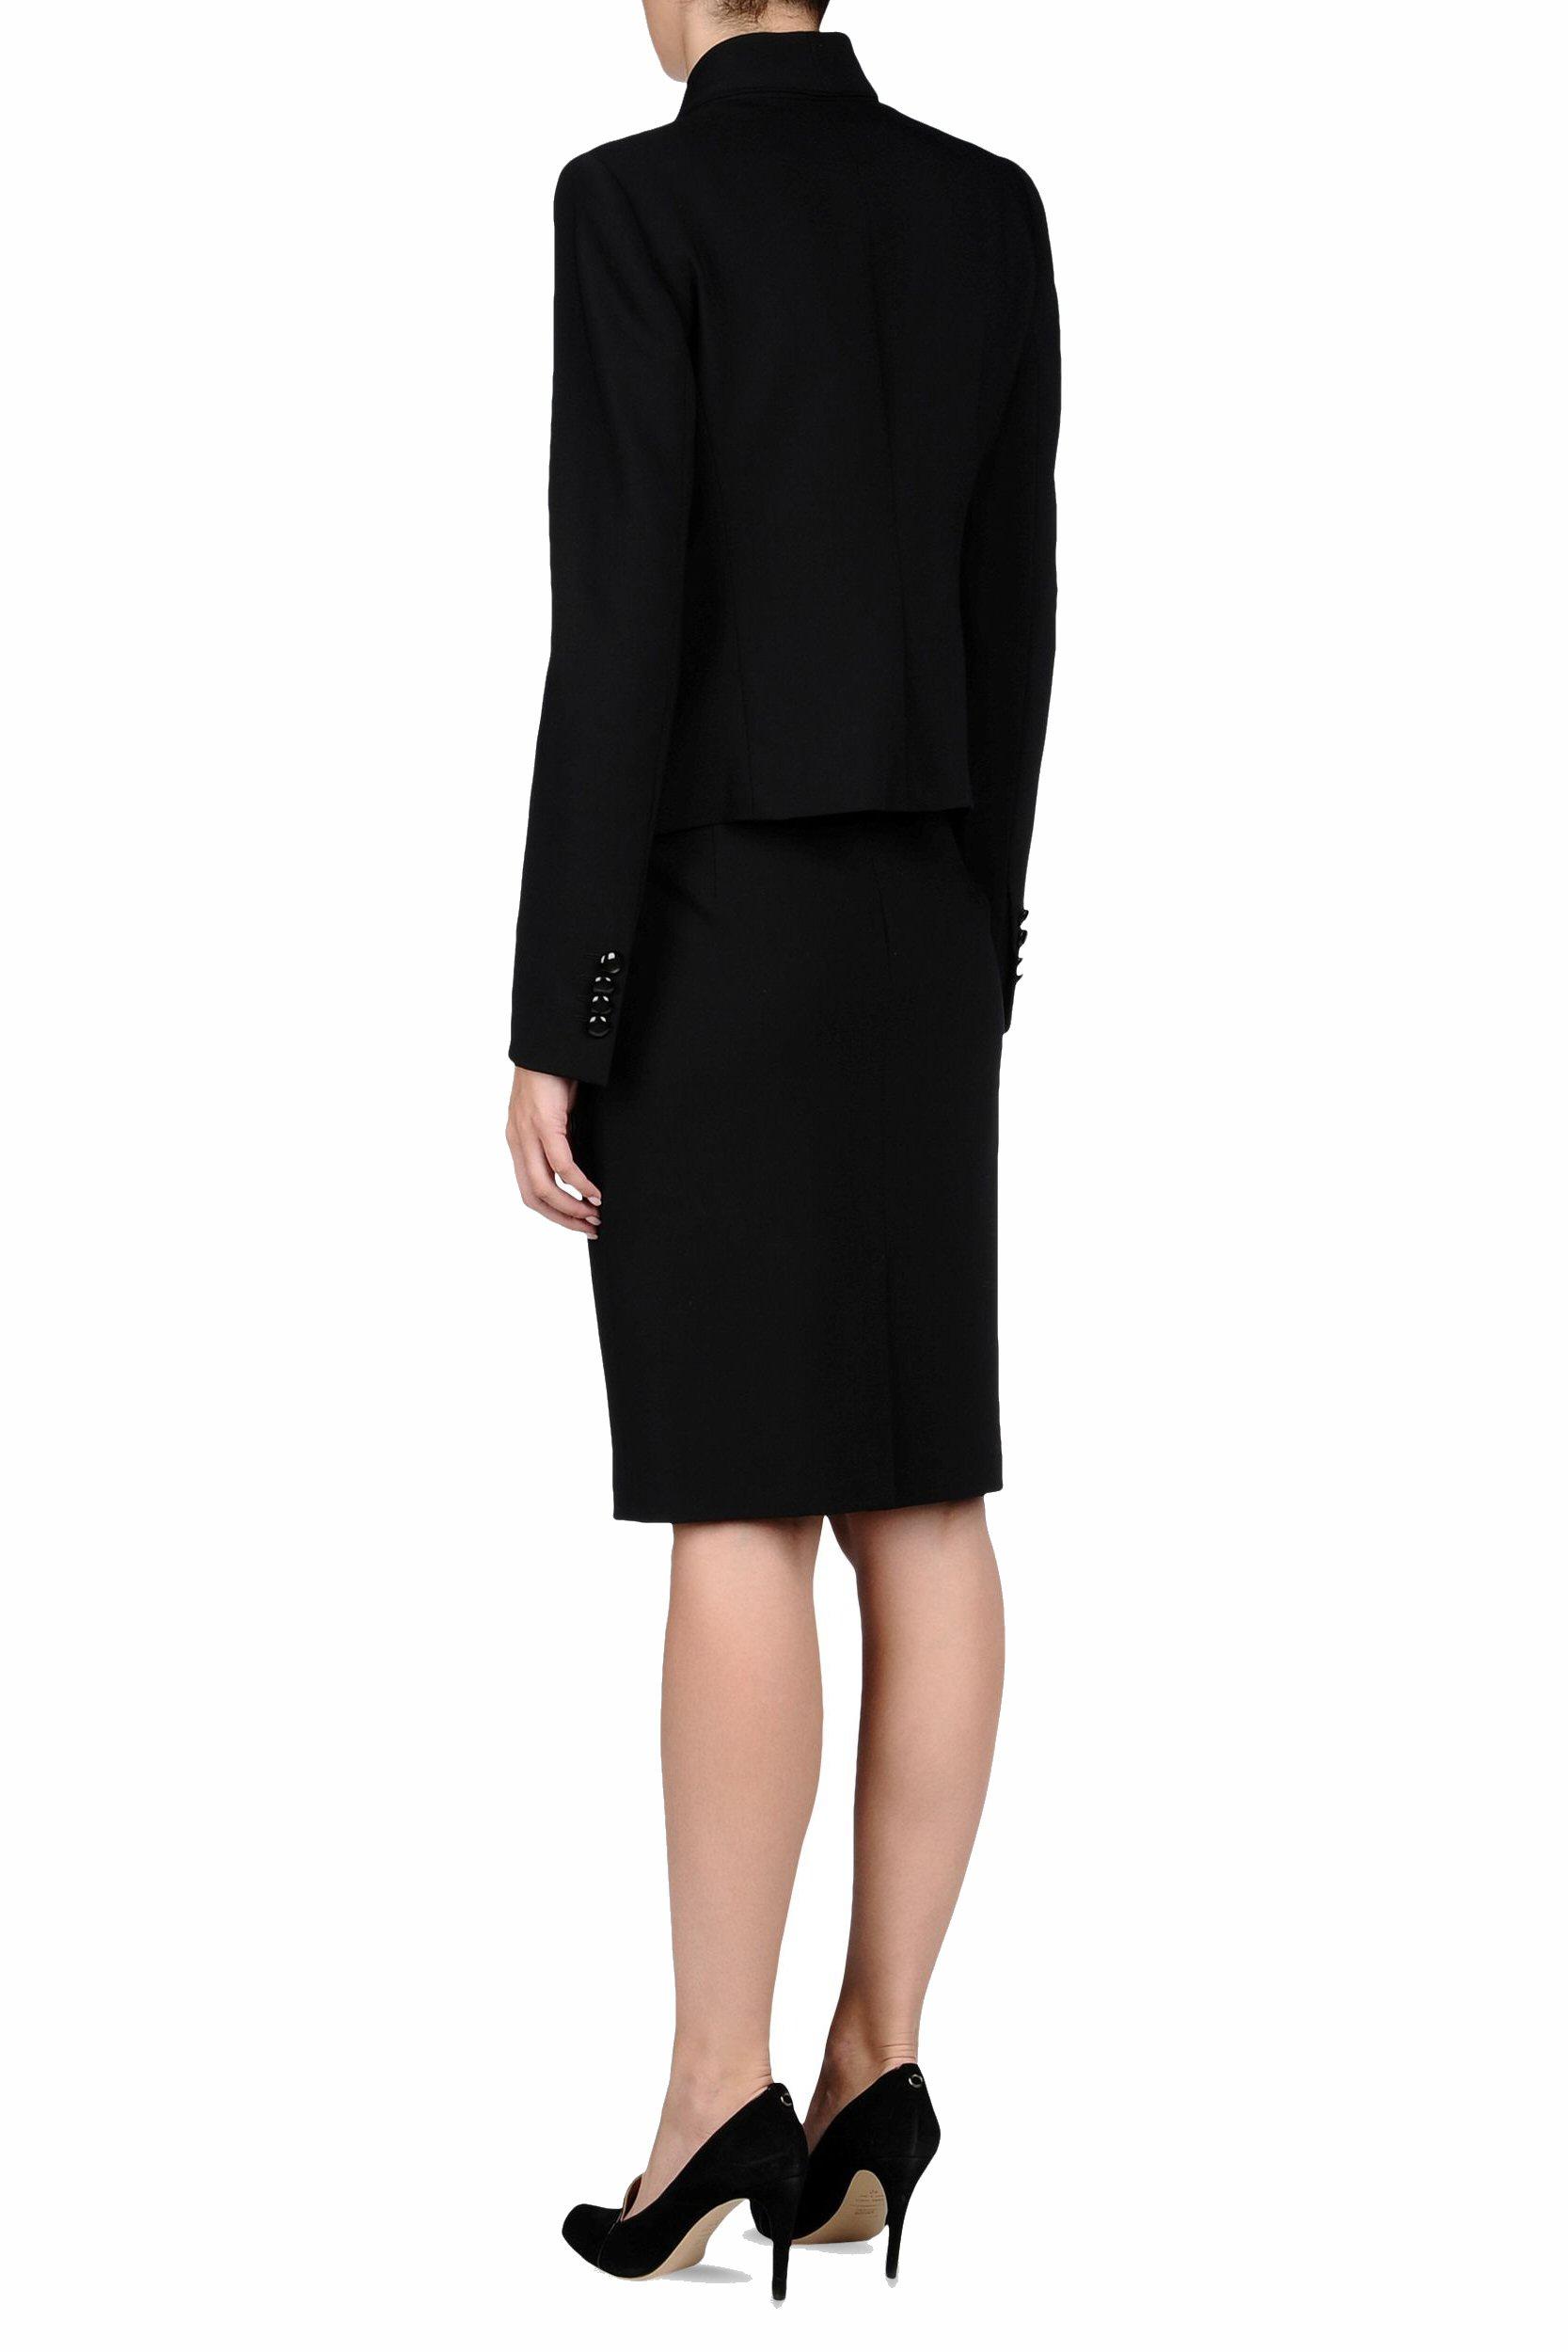 Armani Workwear 16-31